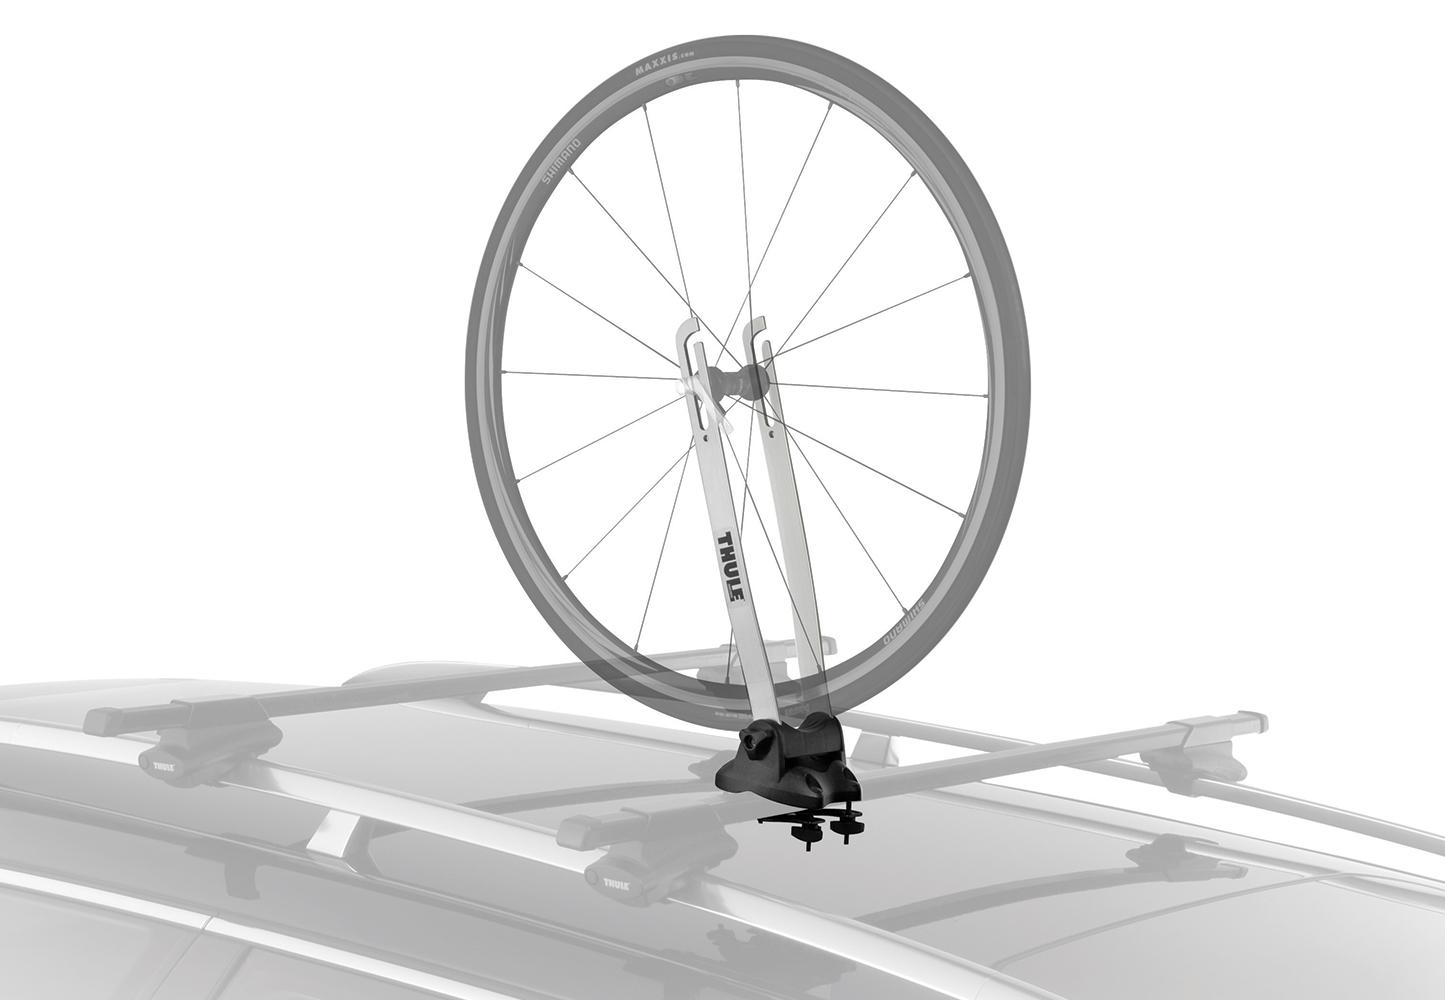 Thule 593 Wheel On Bike Wheel Carrier